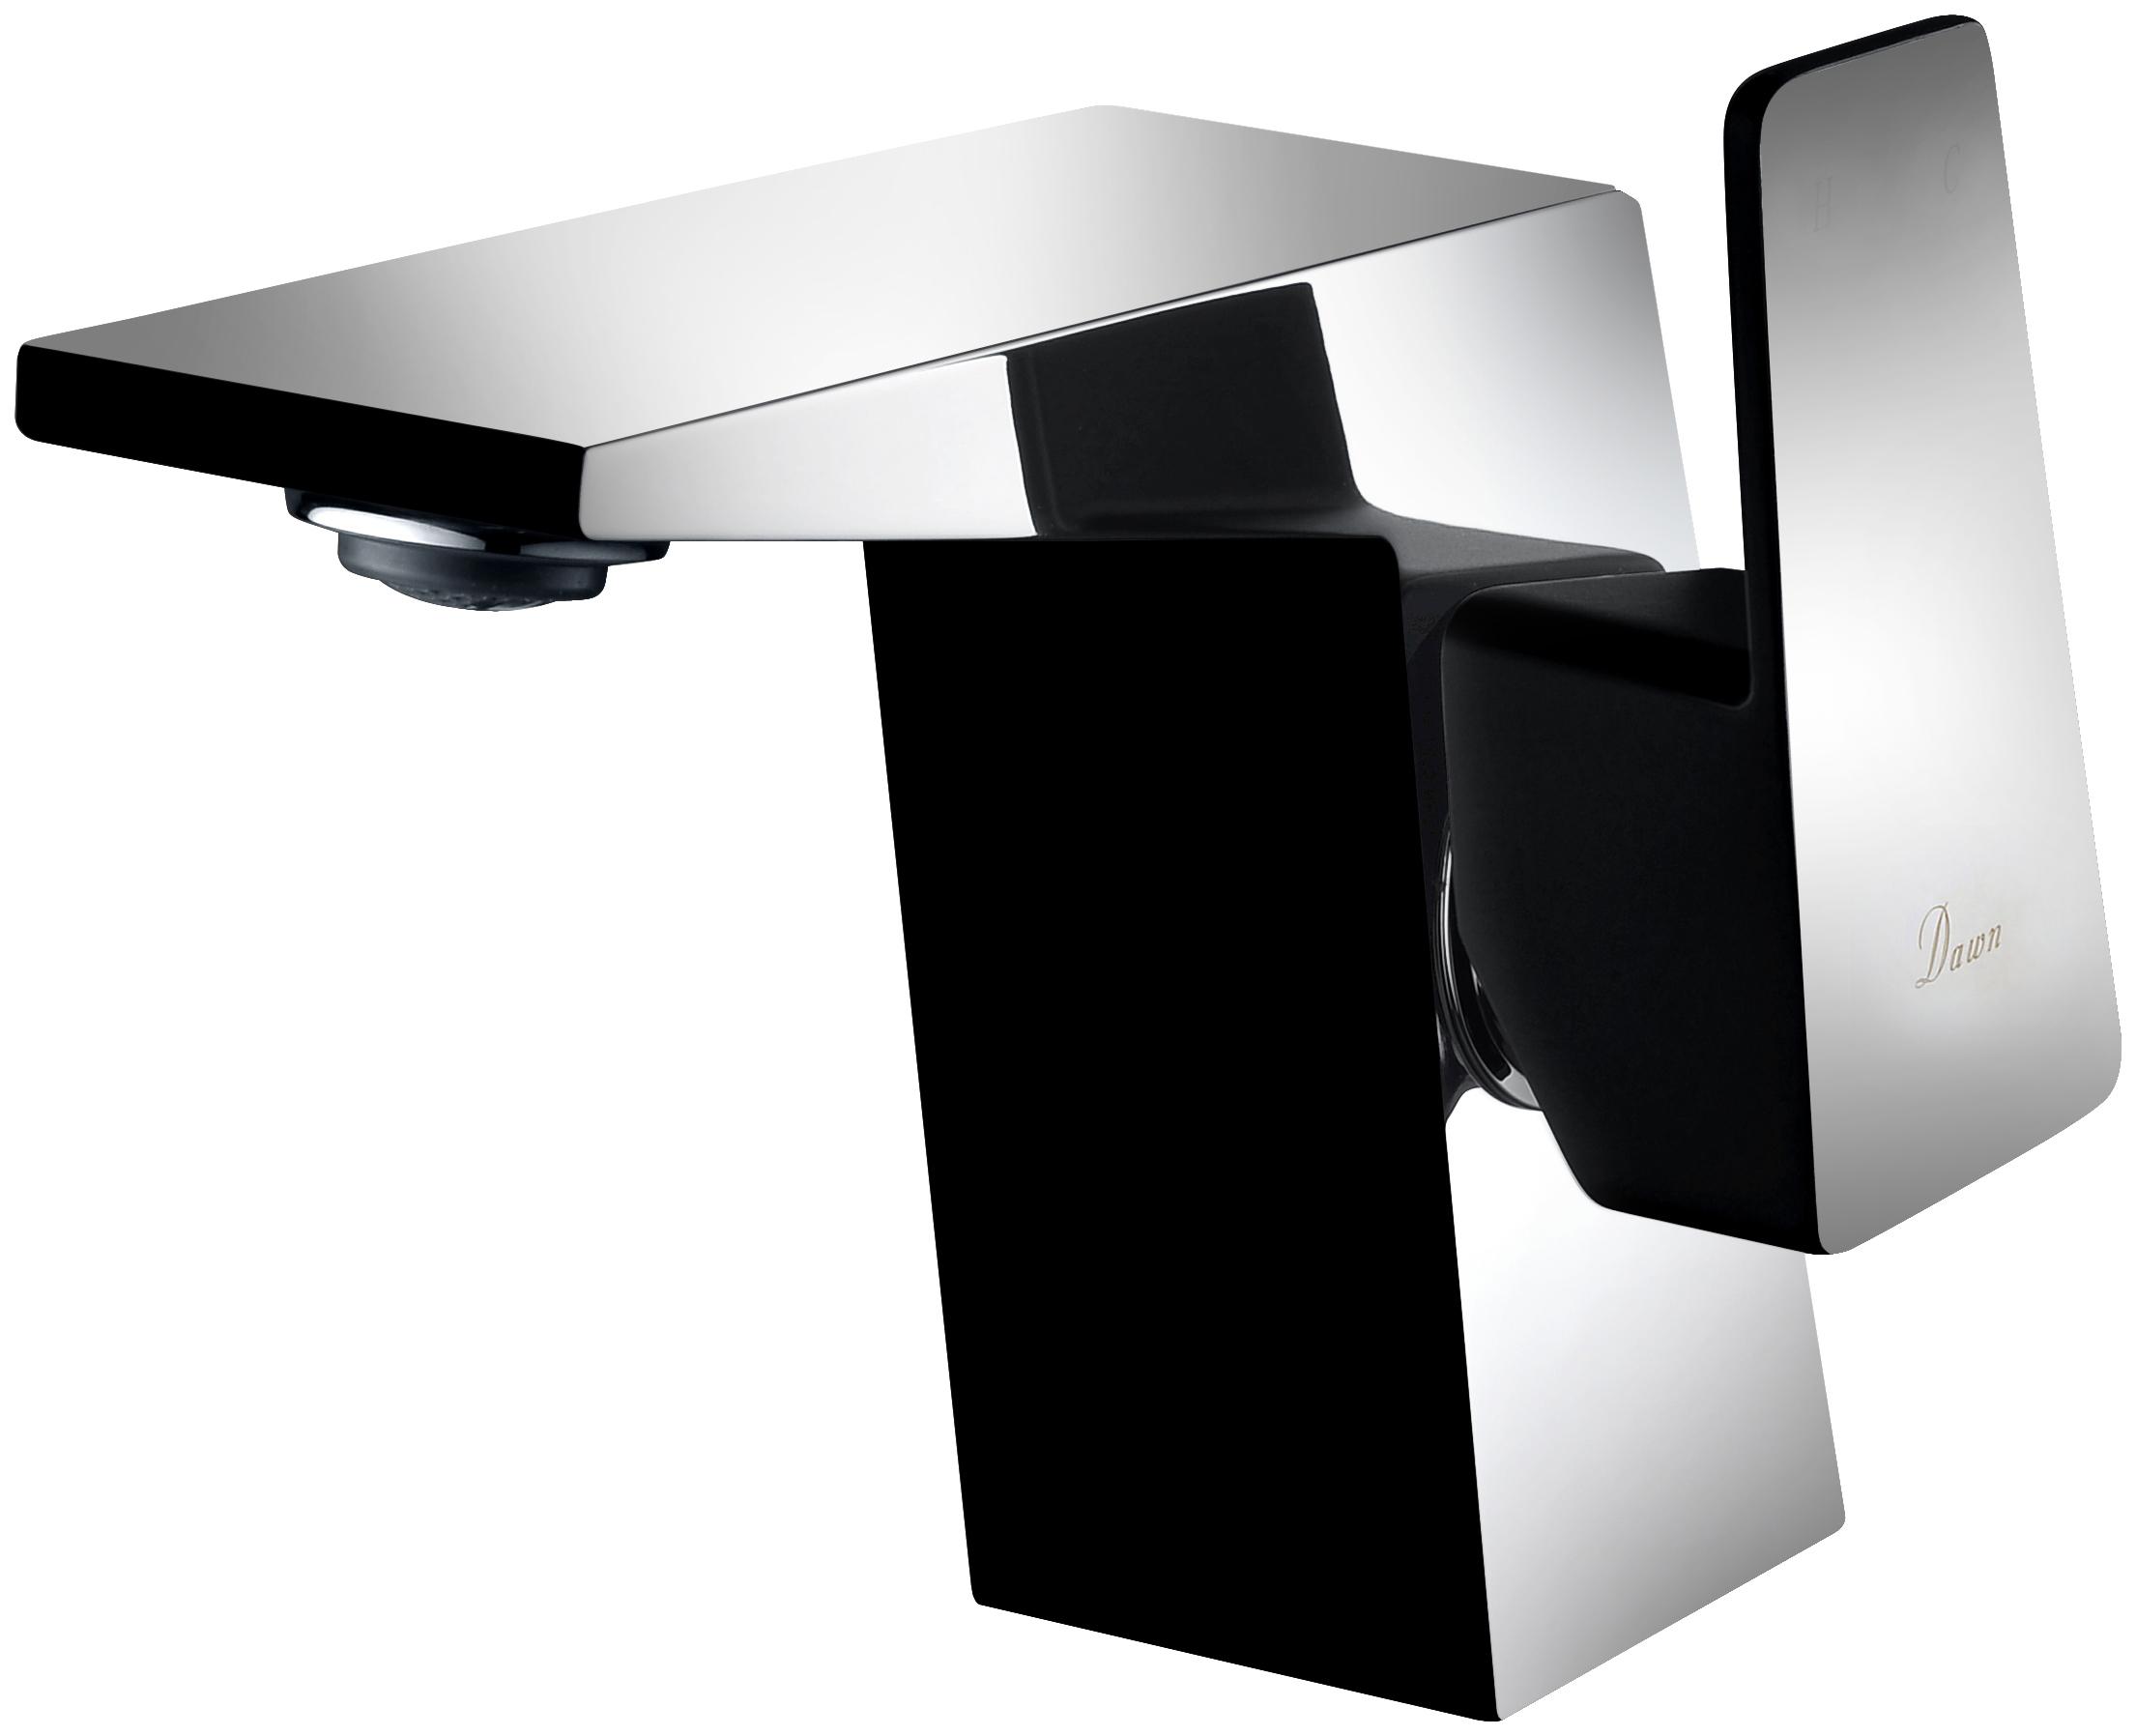 AB41 1470CPMB | Dawn® Single-lever lavatory faucet, Chrome & Matte ...